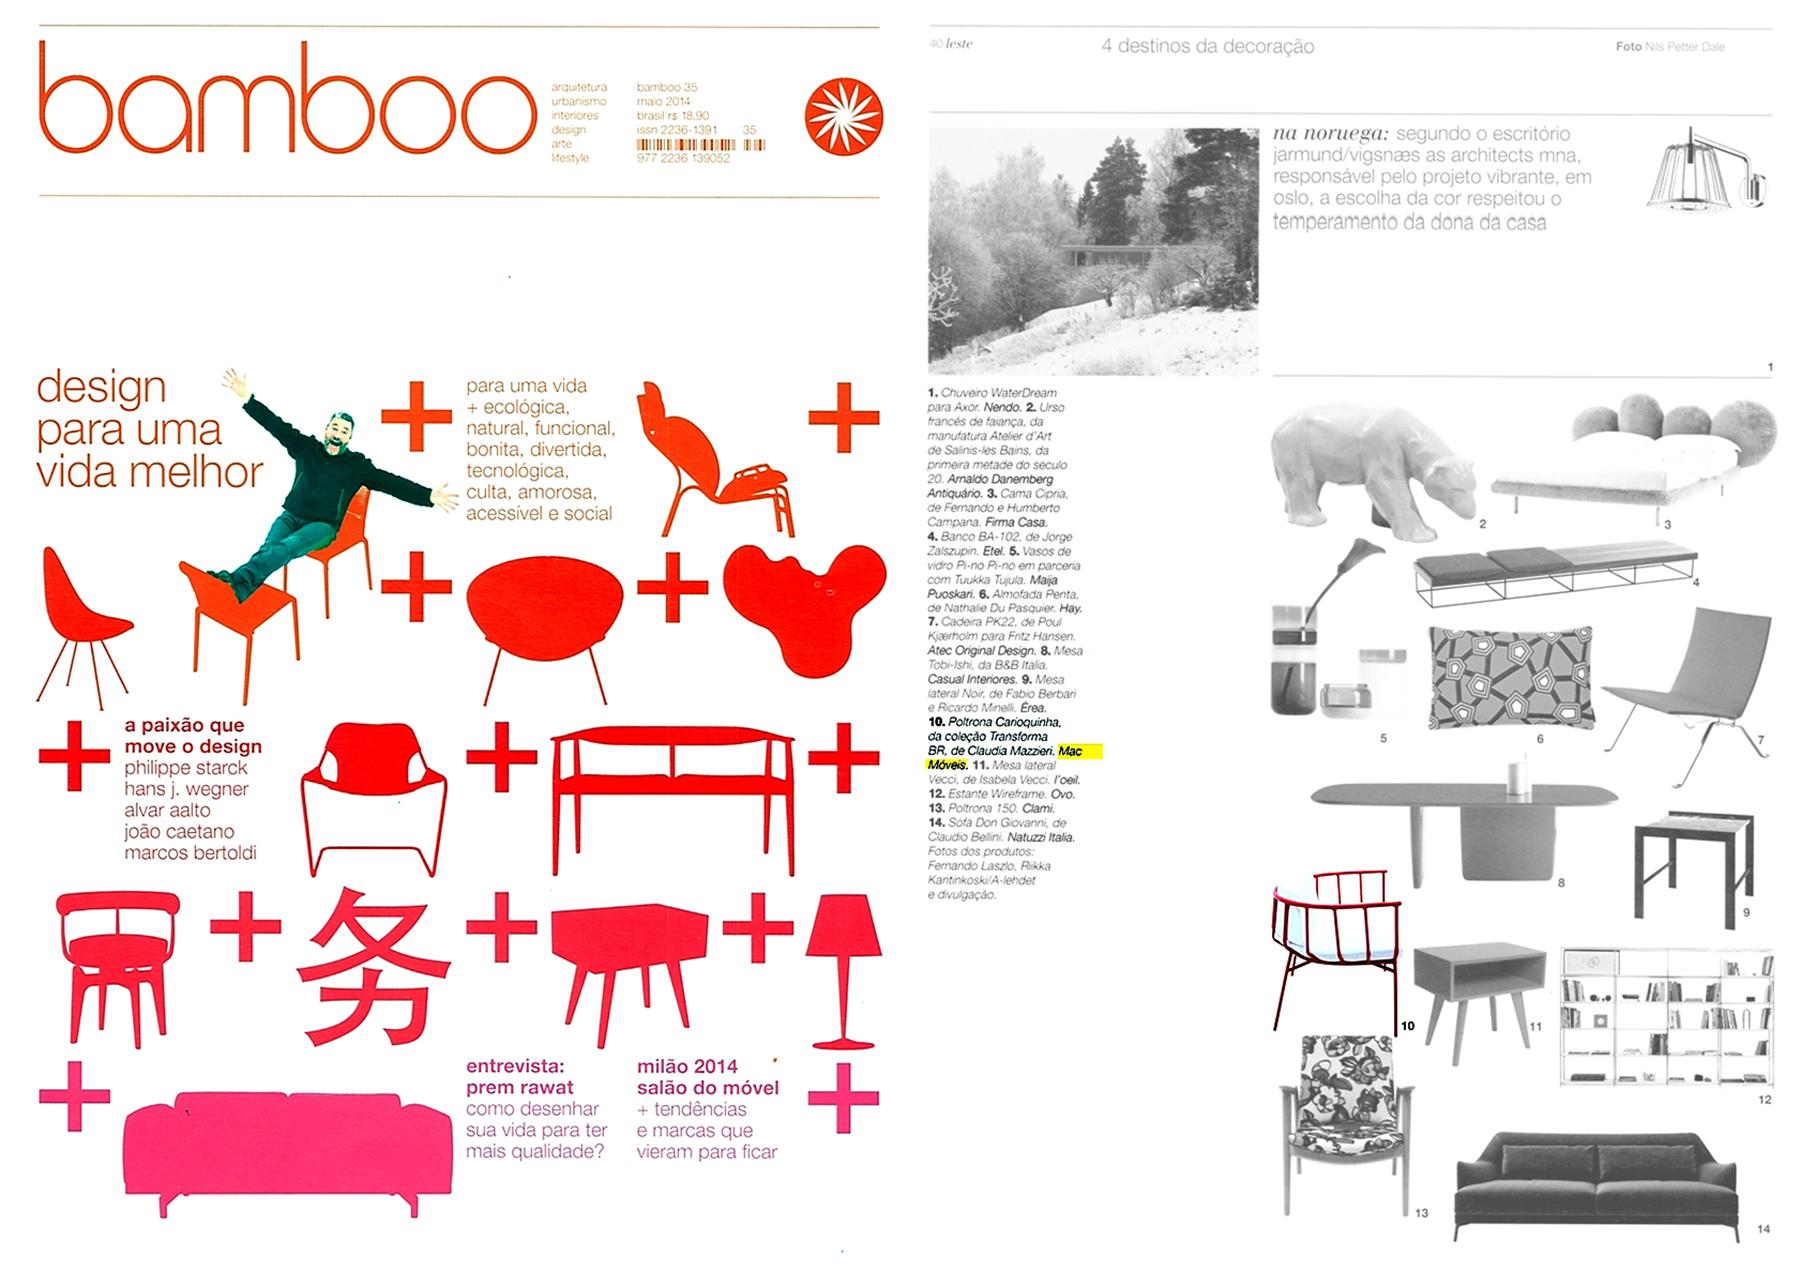 bamboo nº 35 - May 2014